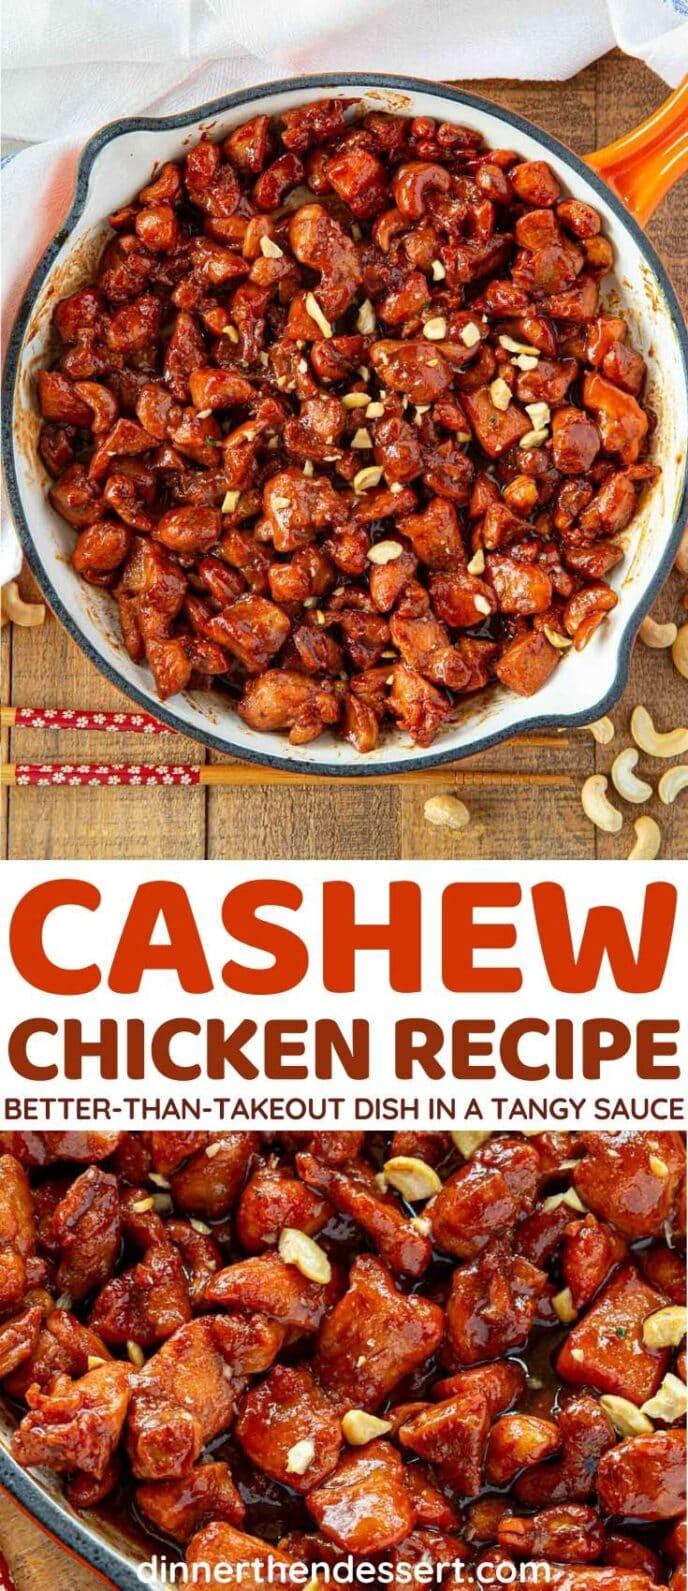 Cashew Chicken collage